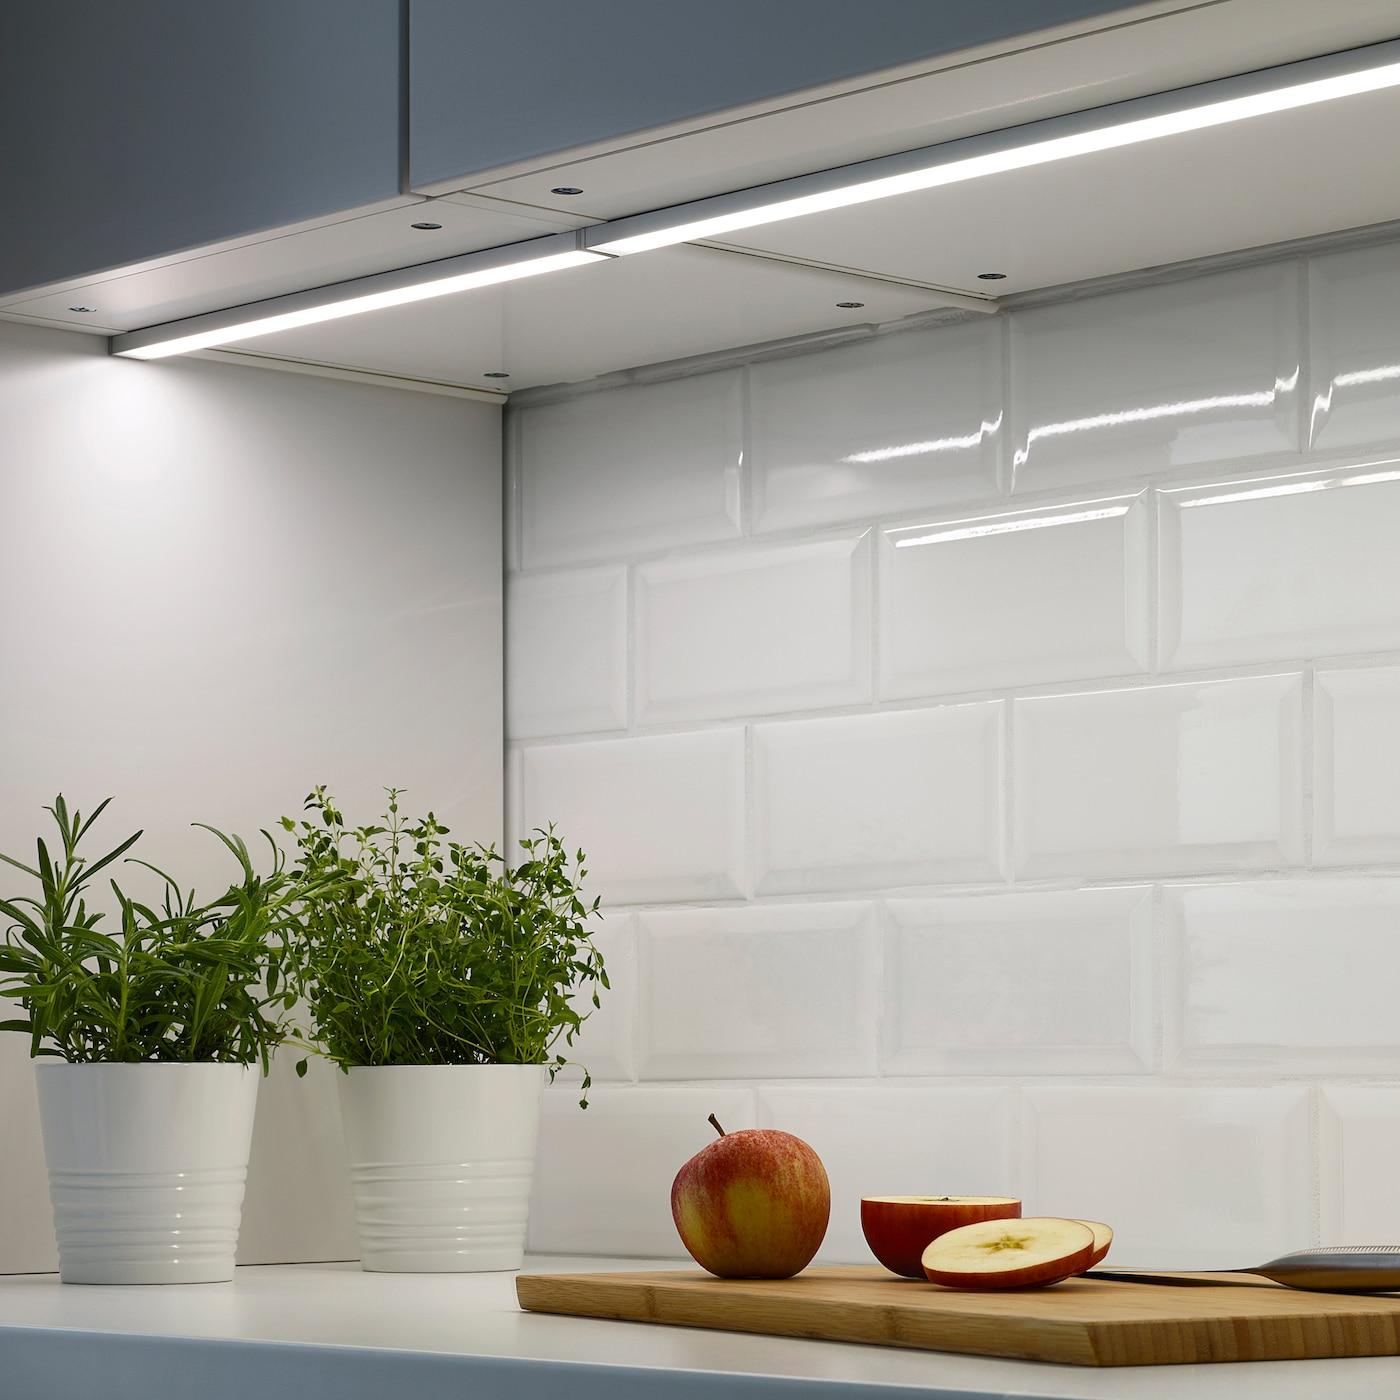 Full Size of Omlopp Arbeitsbeleuchtung Wohnzimmer Küchenleuchte